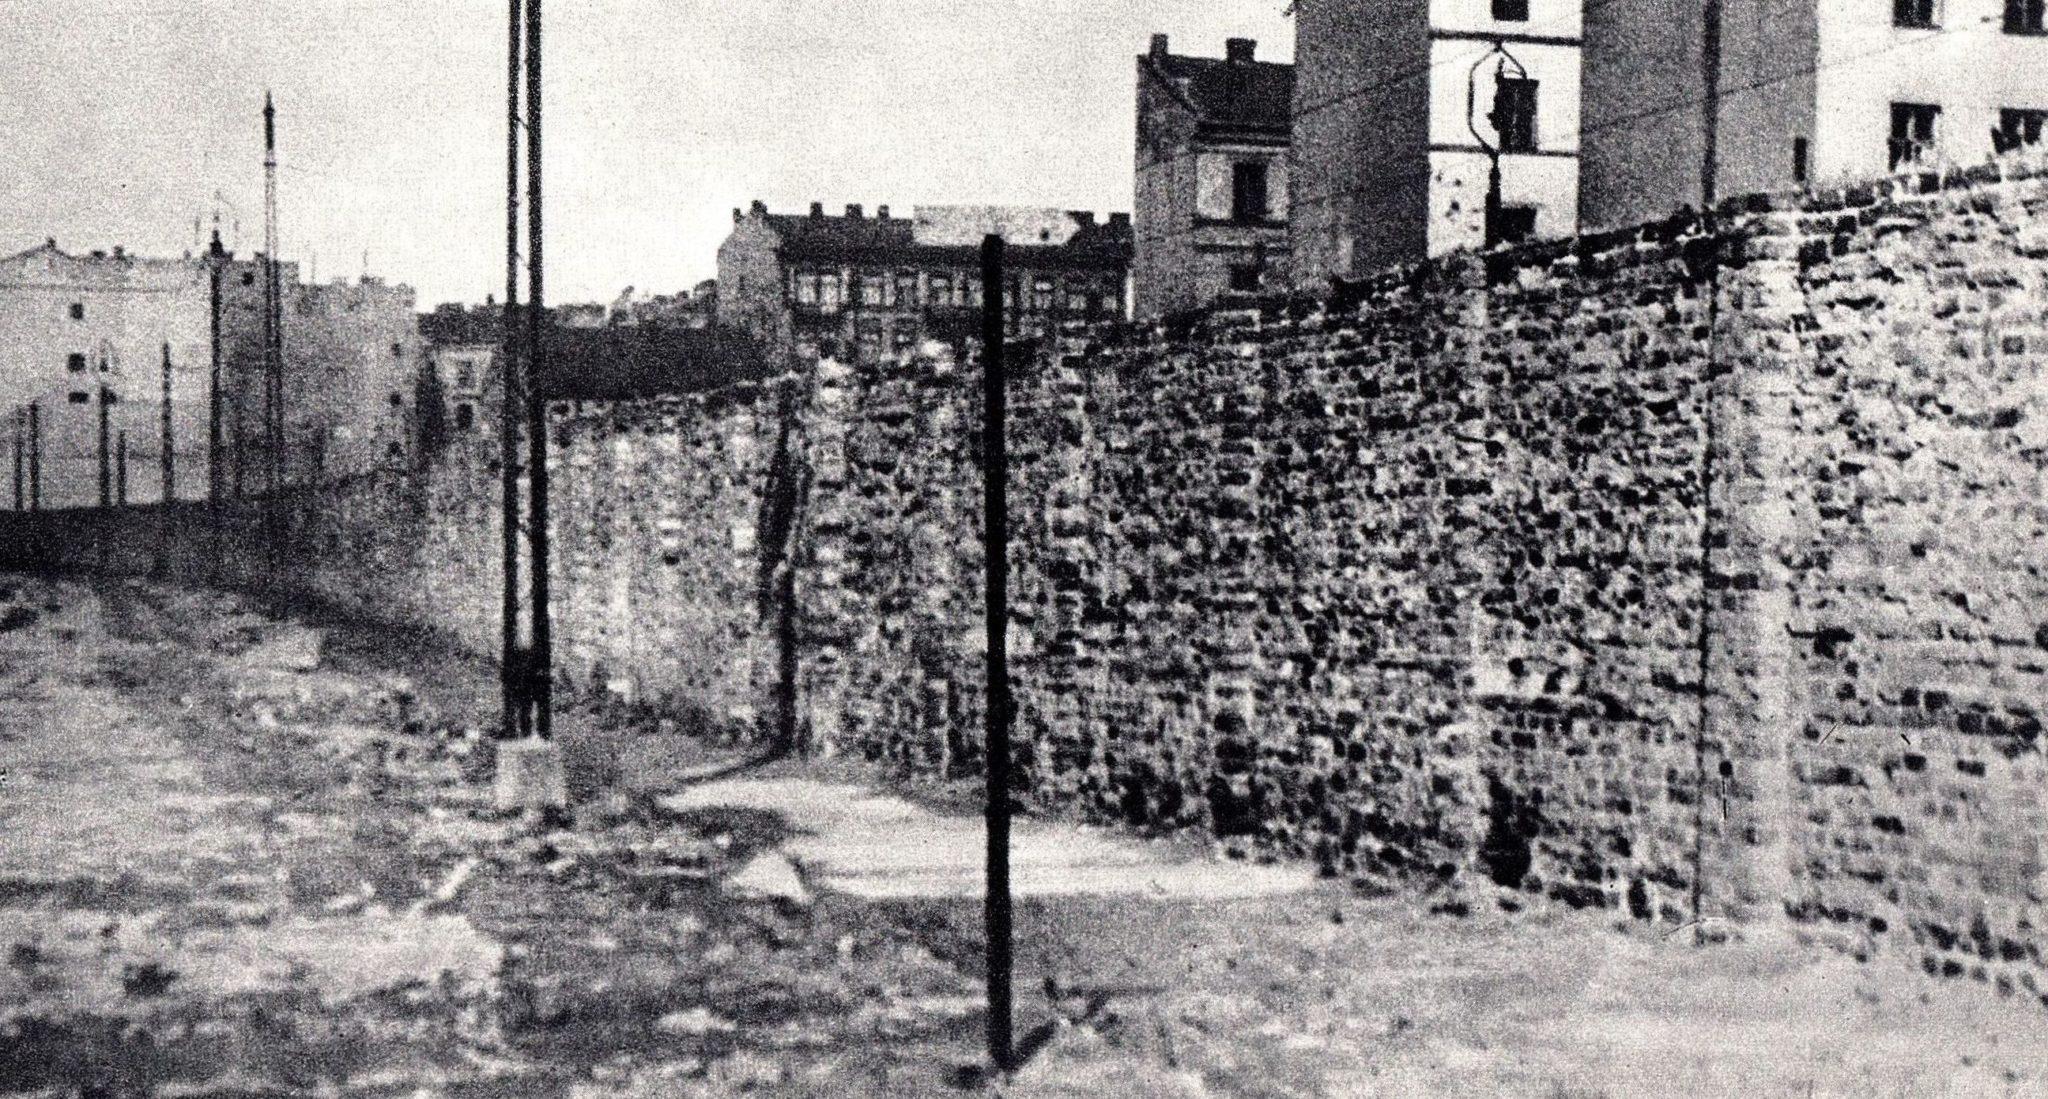 78e anniversaire du soulèvement du ghetto de Varsovie